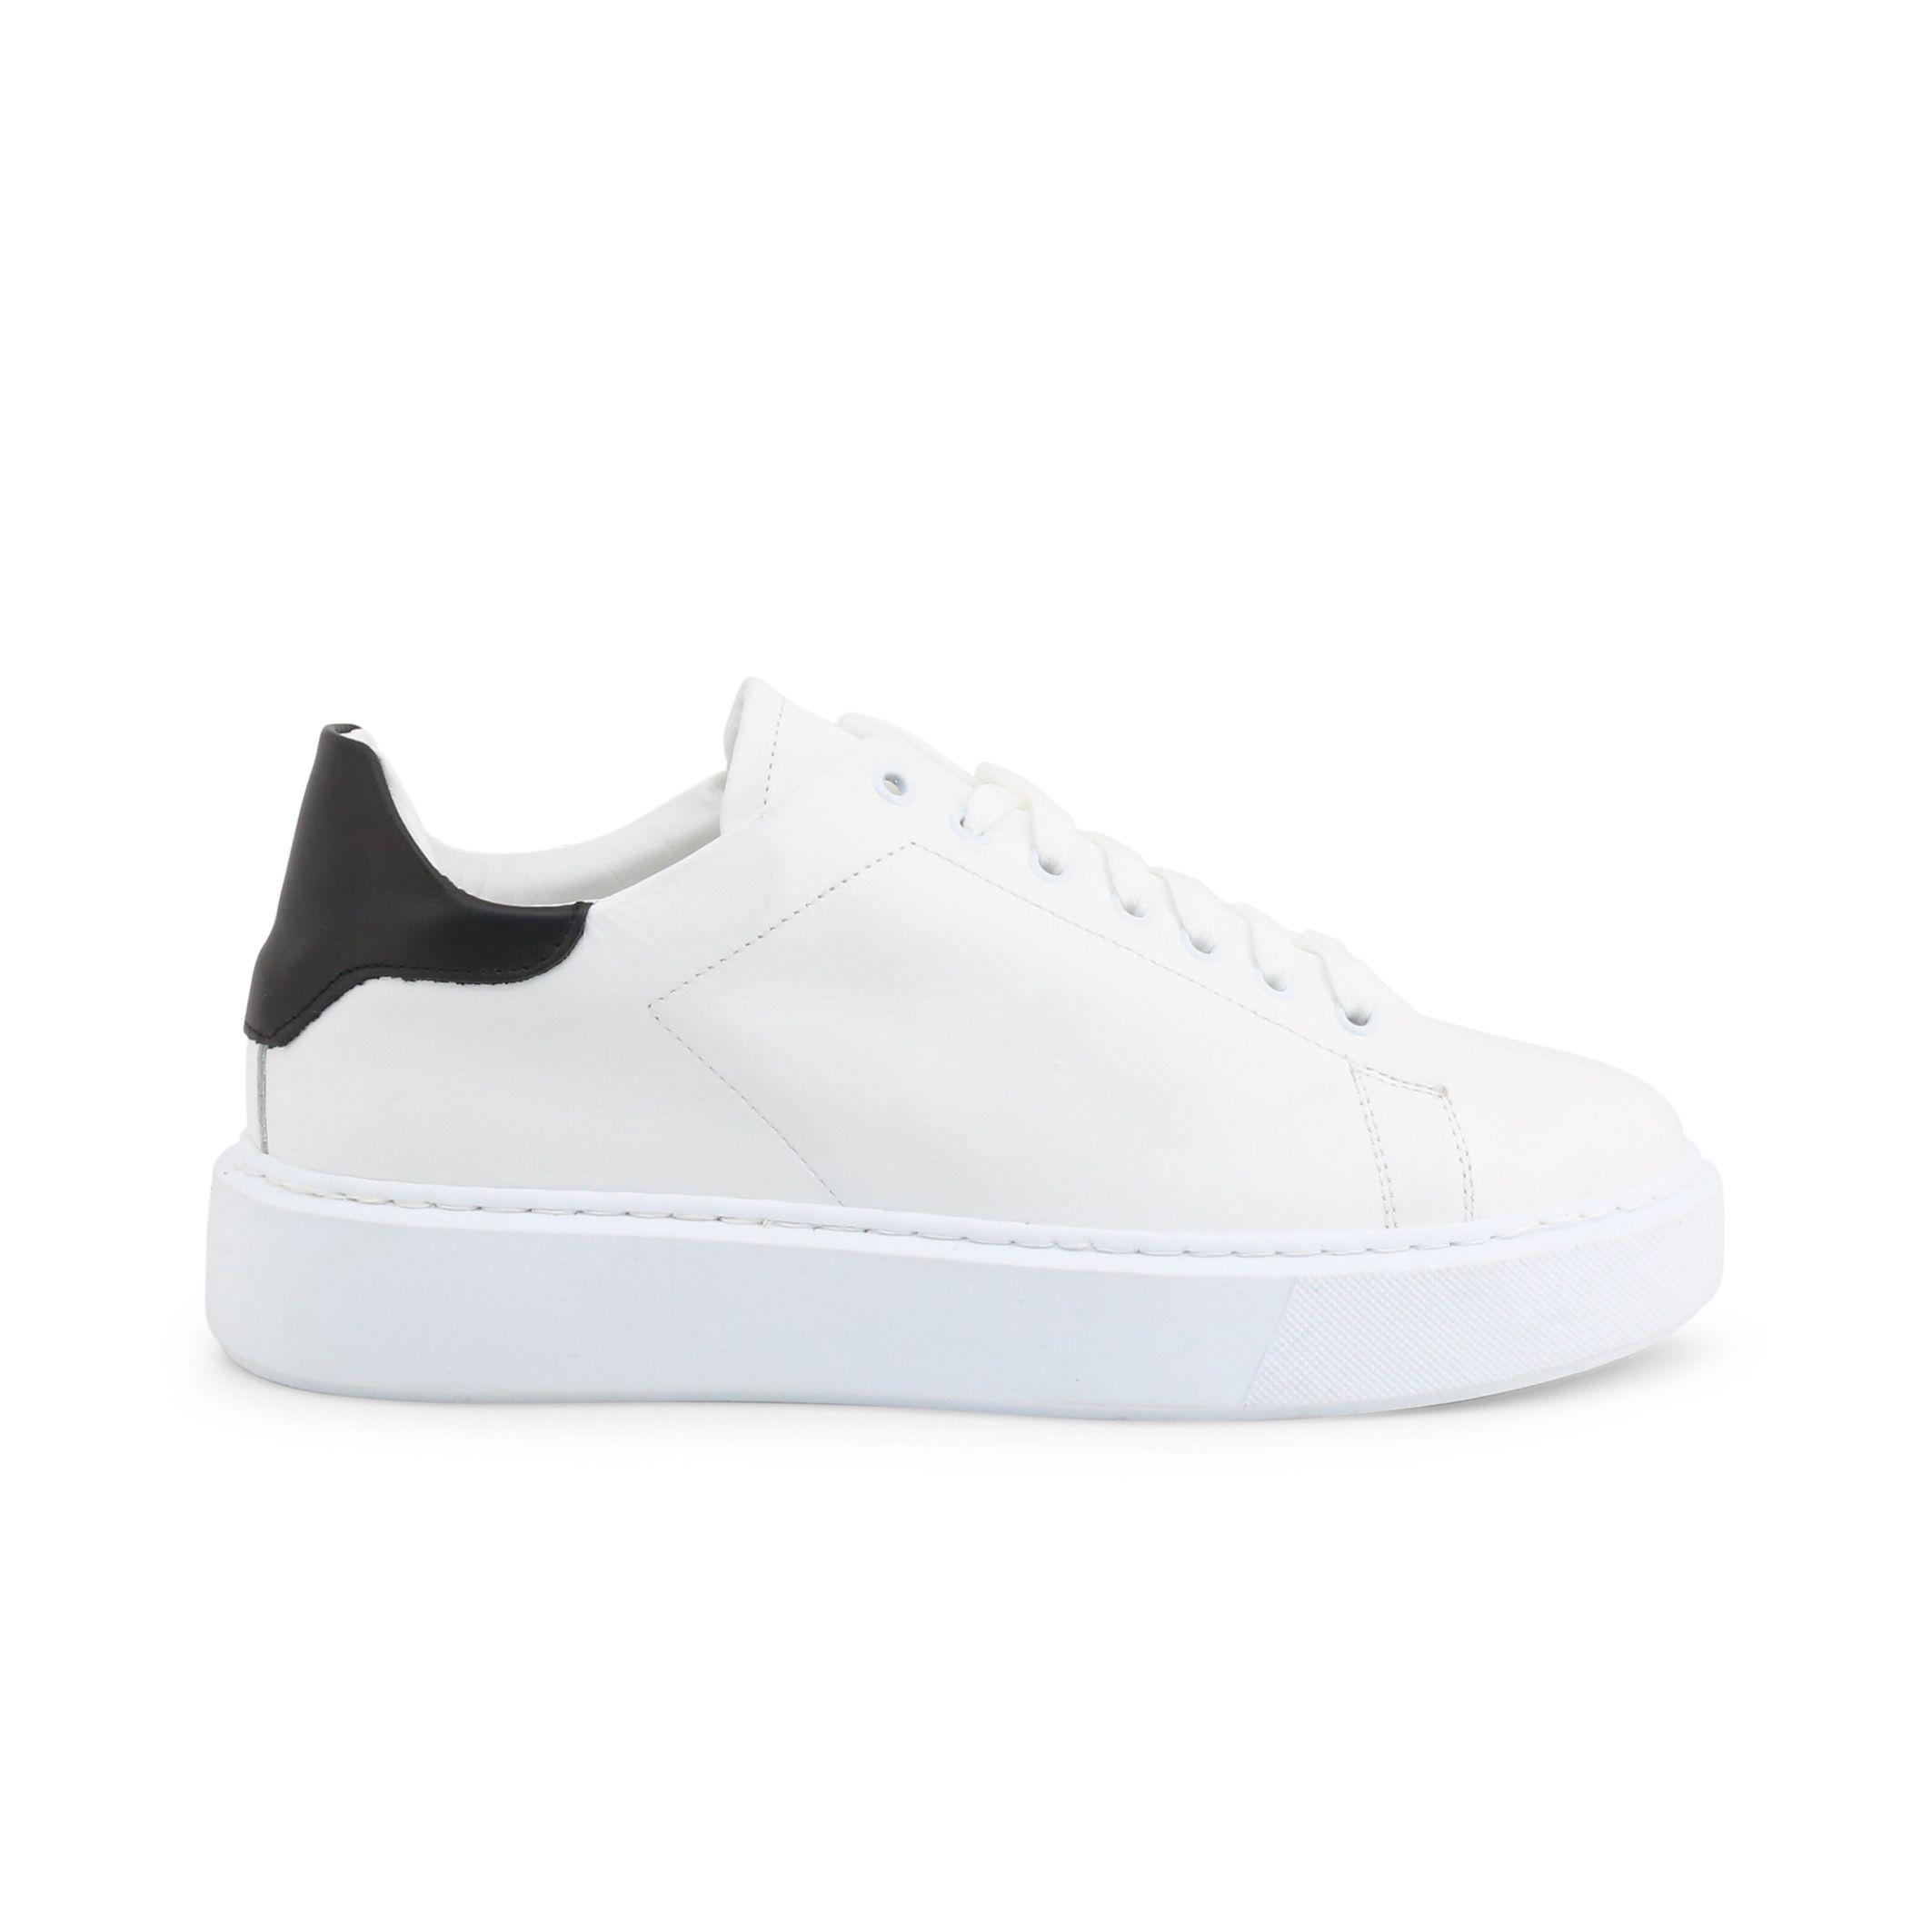 Schuhe R21 – CALIFORNIA_PELLE – Weiß